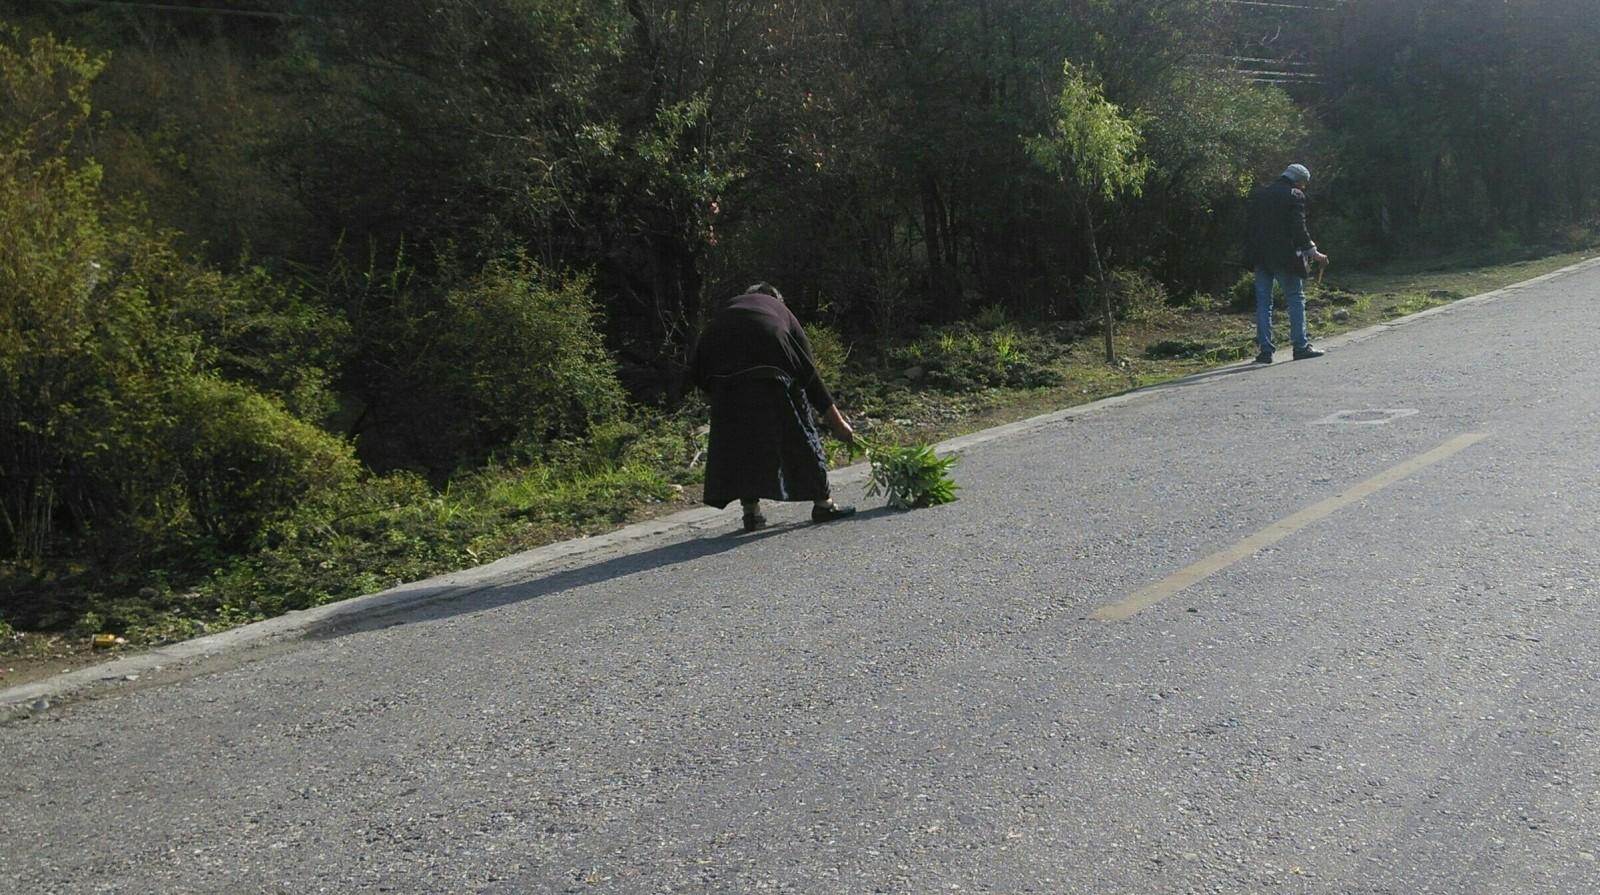 一位藏族老奶奶在用树枝扫虫子,免得他们被车碾死